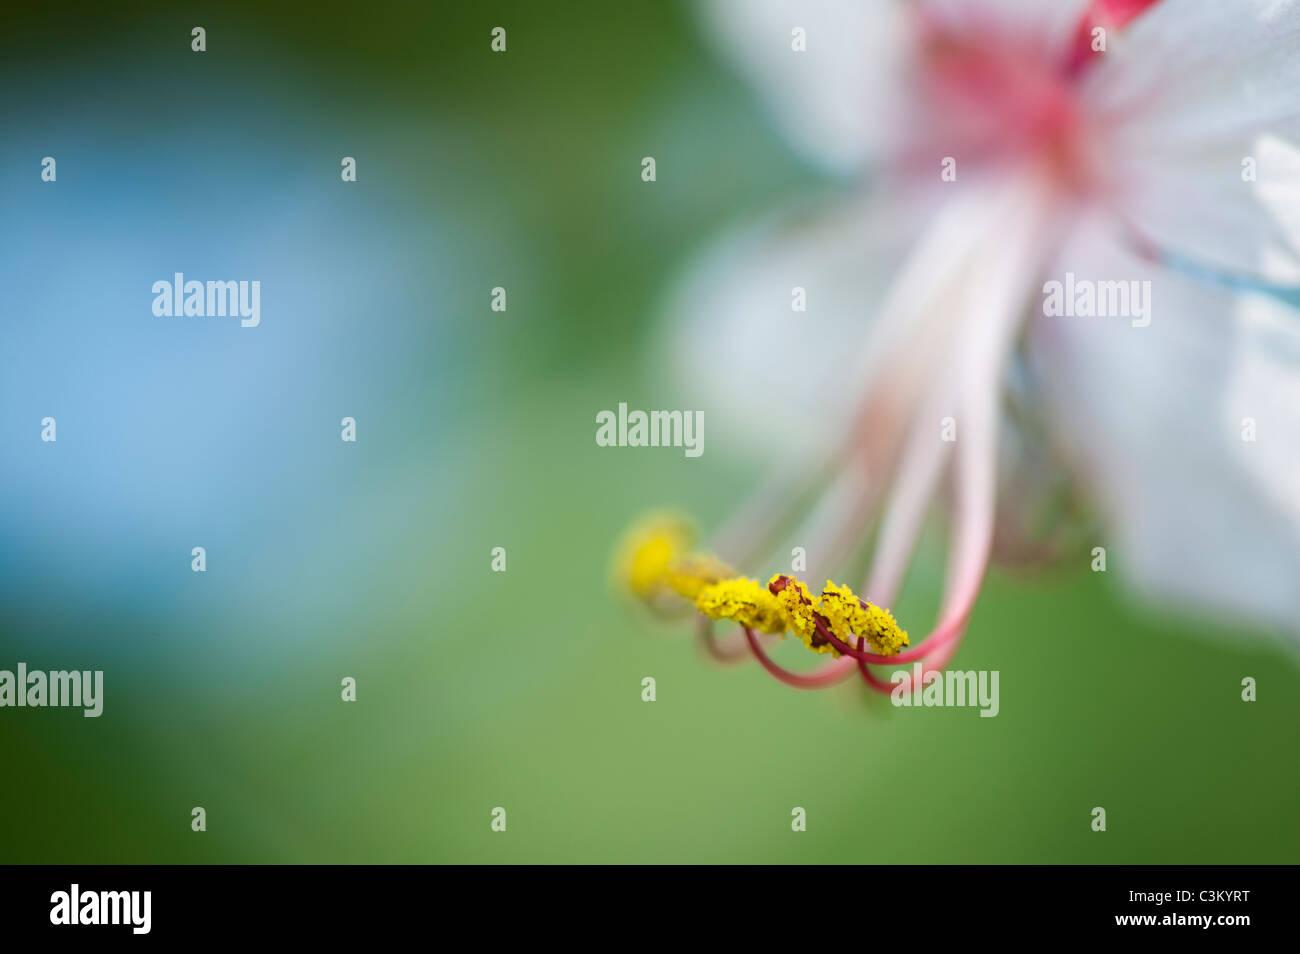 Geranium macrorrhizum 'Album' fleur. Géranium sanguin Rock. Close up sur les anthères et le pollen Photo Stock